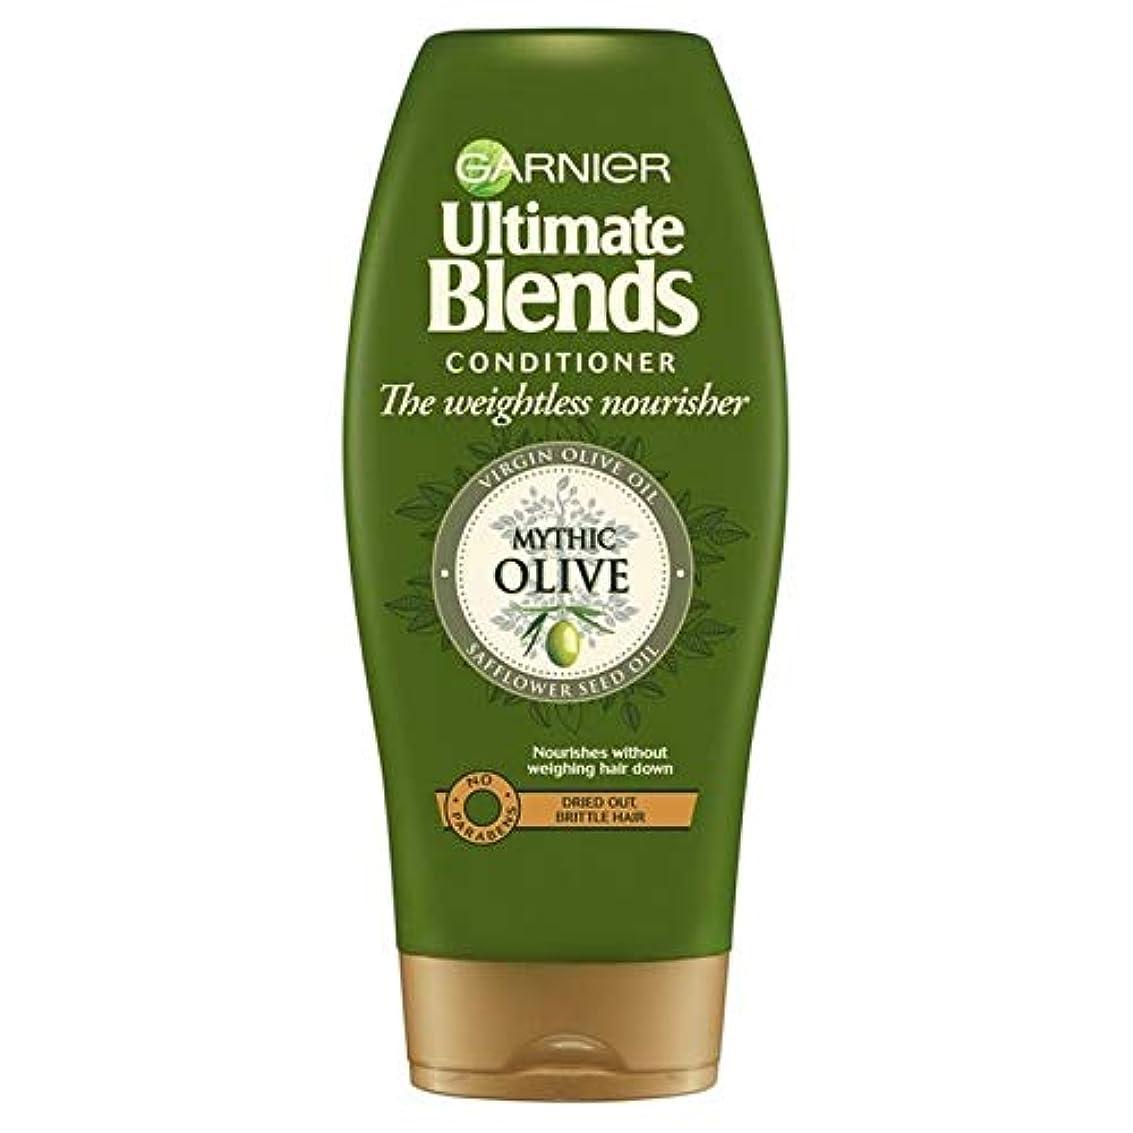 配分オーストラリア人ピンク[Garnier ] ガルニエ究極のオリーブオイルドライヘアコンディショナー360ミリリットルをブレンド - Garnier Ultimate Blends Olive Oil Dry Hair Conditioner...